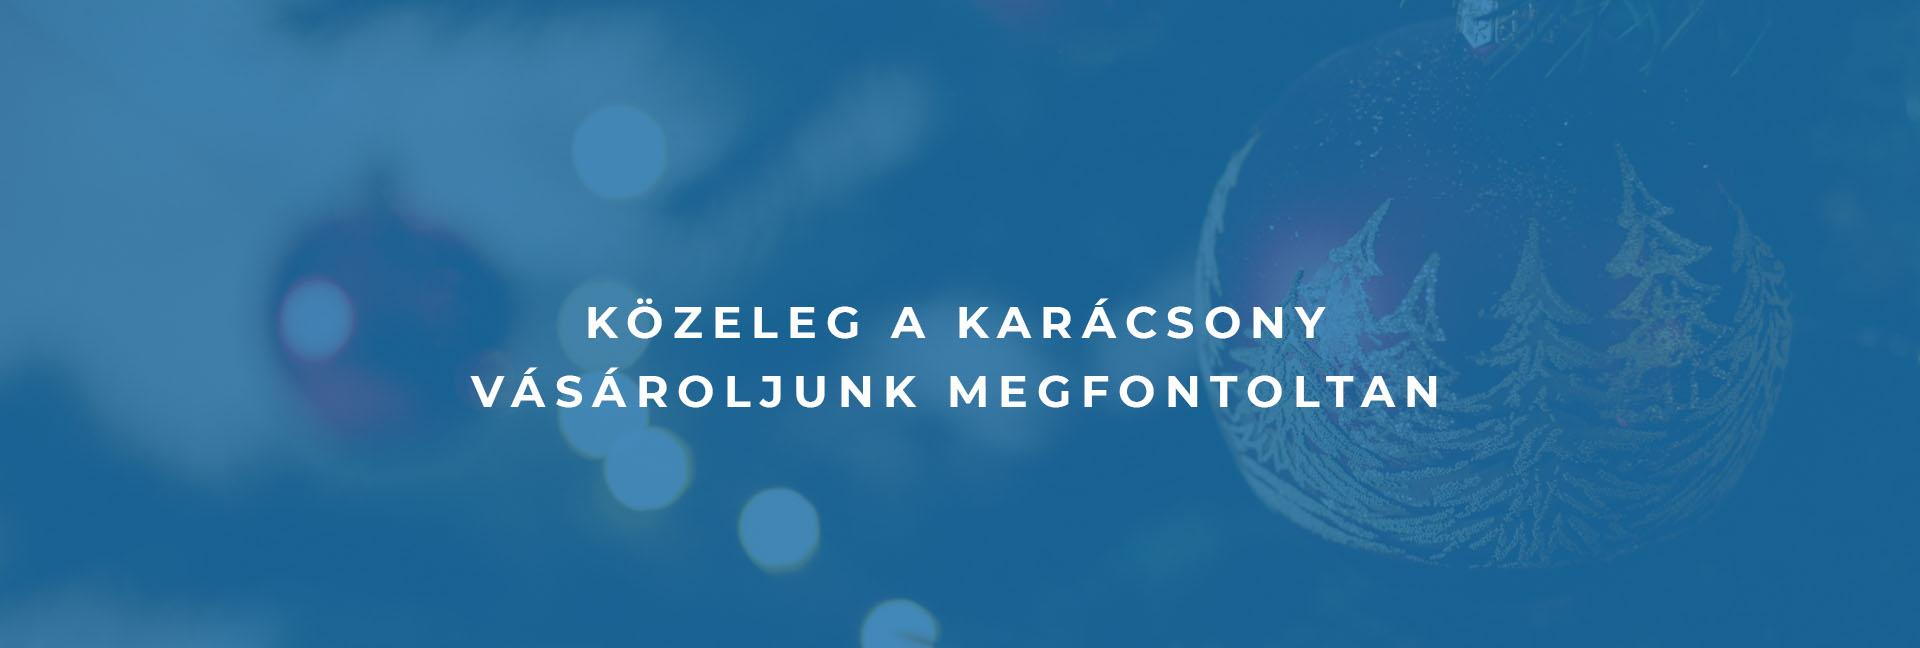 16b726d48 Közeleg a karácsony – vásároljunk megfontoltan   drujvary.hu